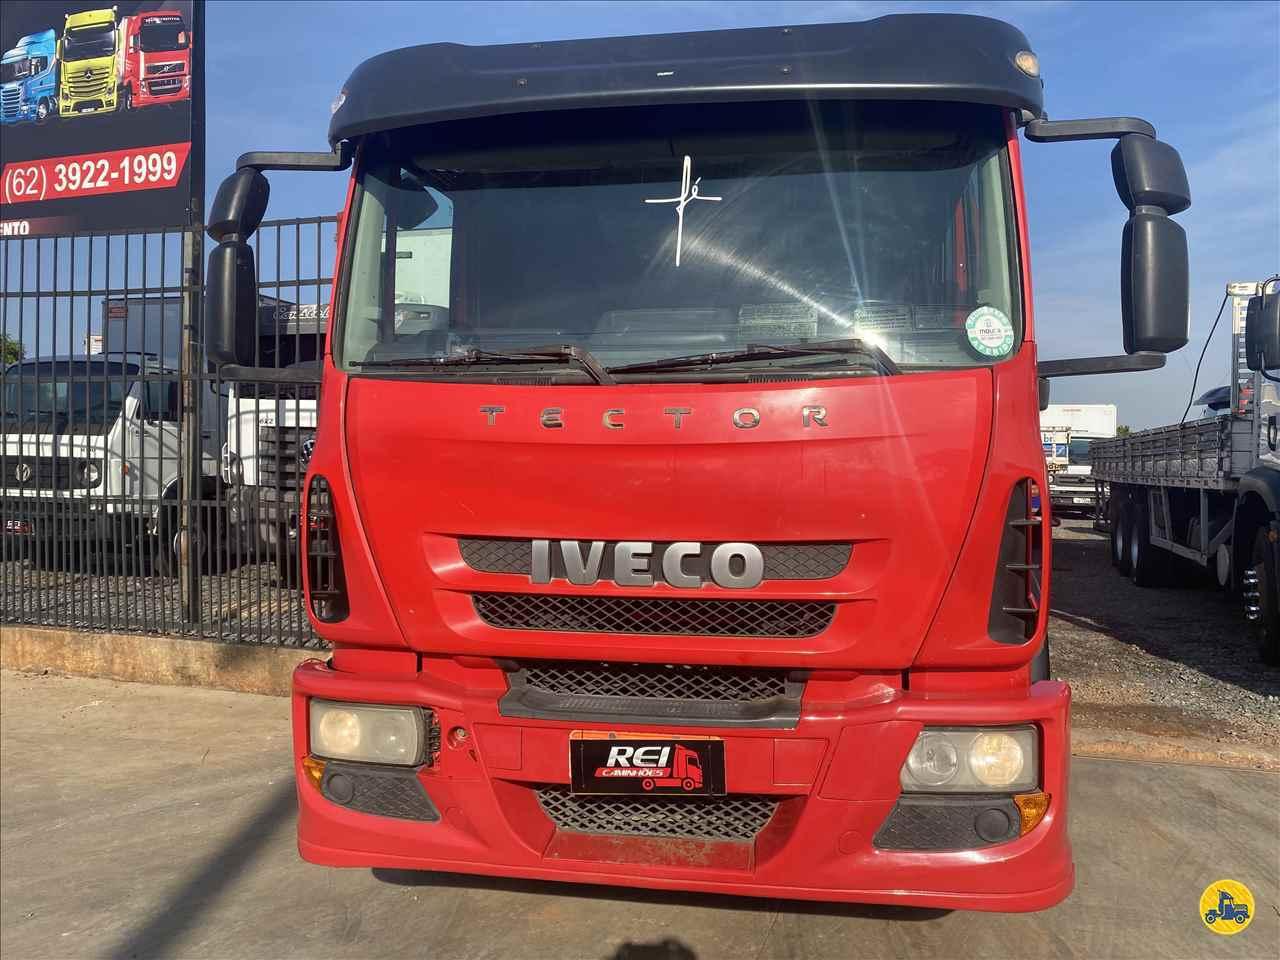 CAMINHAO IVECO TECTOR 240E25 Carga Seca Truck 6x2 Rei Caminhões GOIANIA GOIAS GO